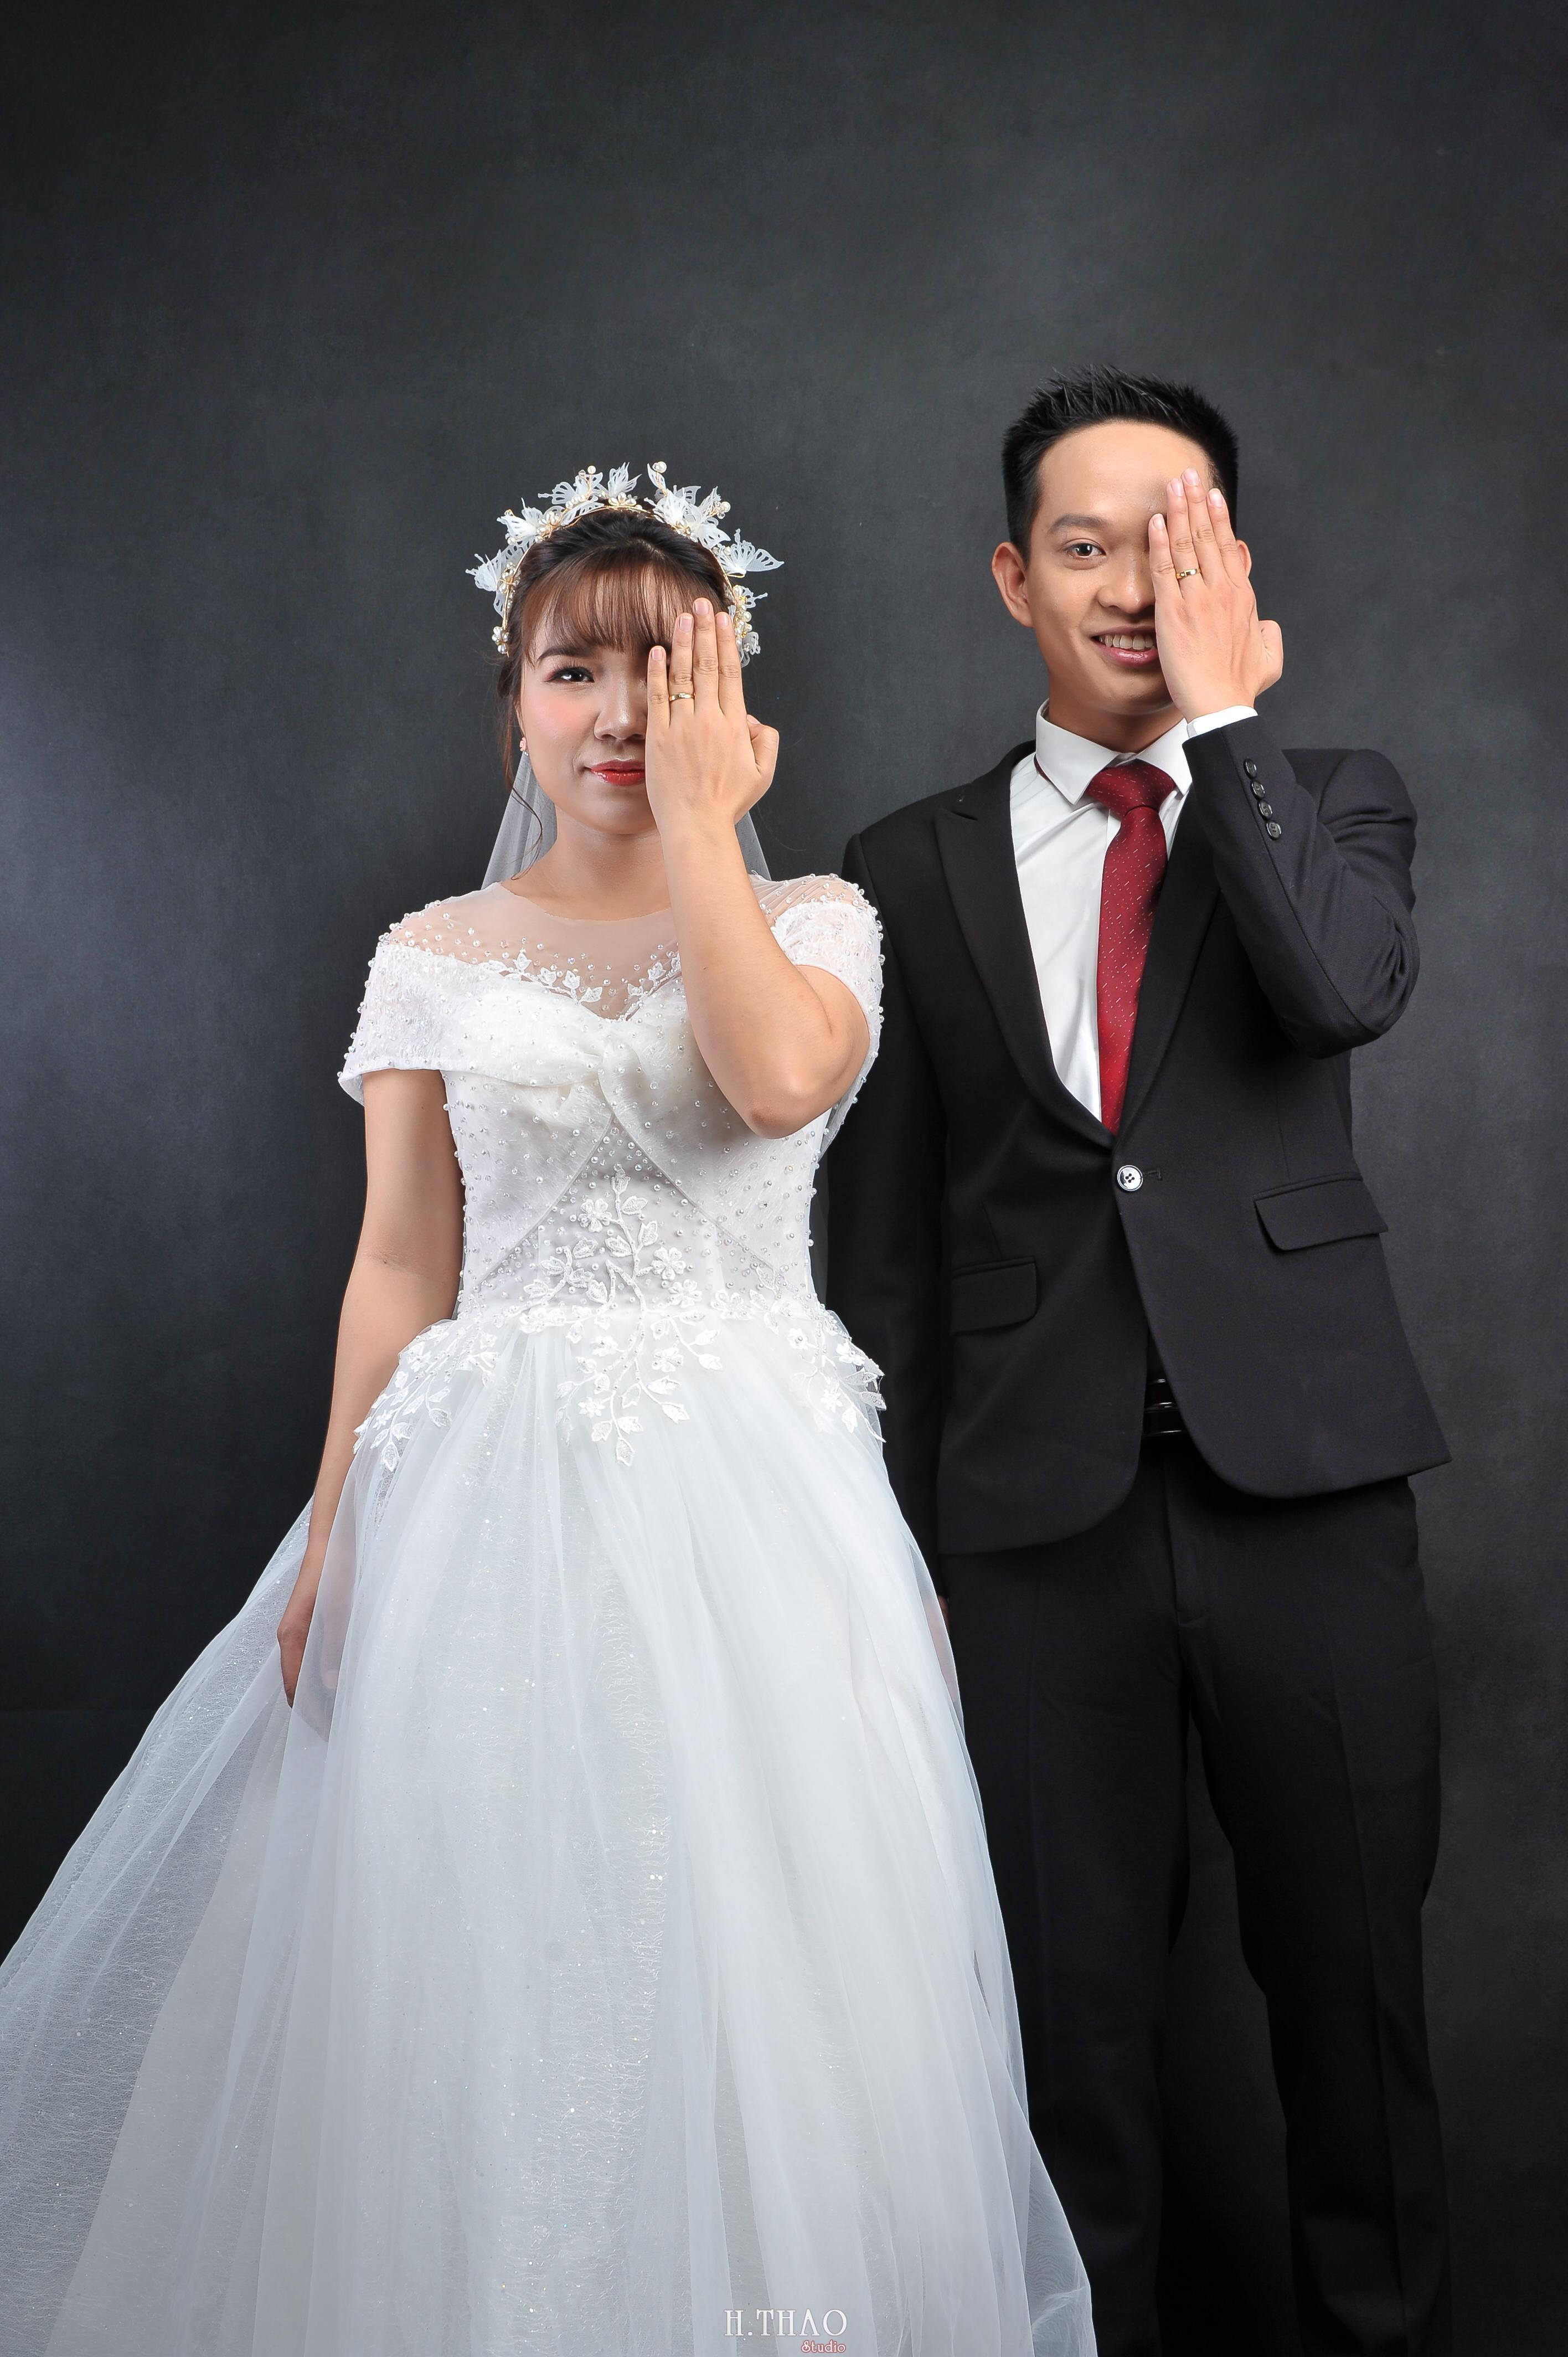 Anh cuoi style Han quoc 6 min - Chụp ảnh cưới đơn giản mà đẹp tại studio – HThao Studio Tp.HCM